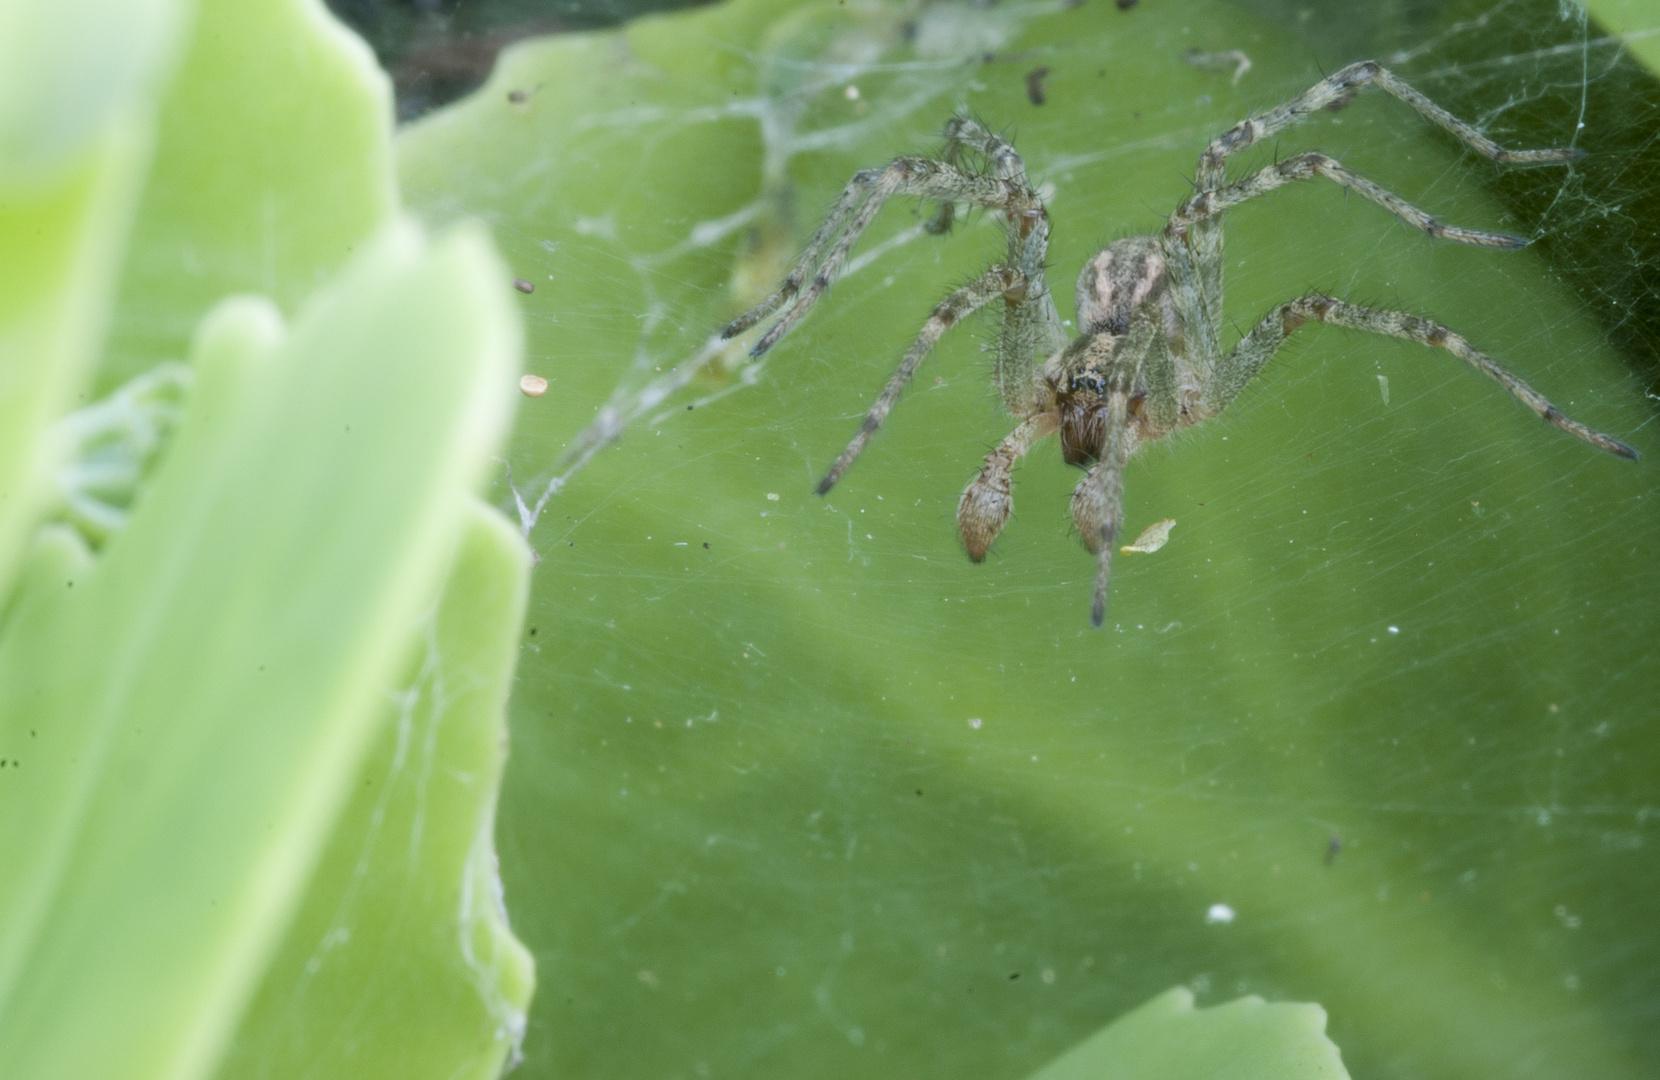 Spider II [Agelenidae (Trichternetzspinne)]